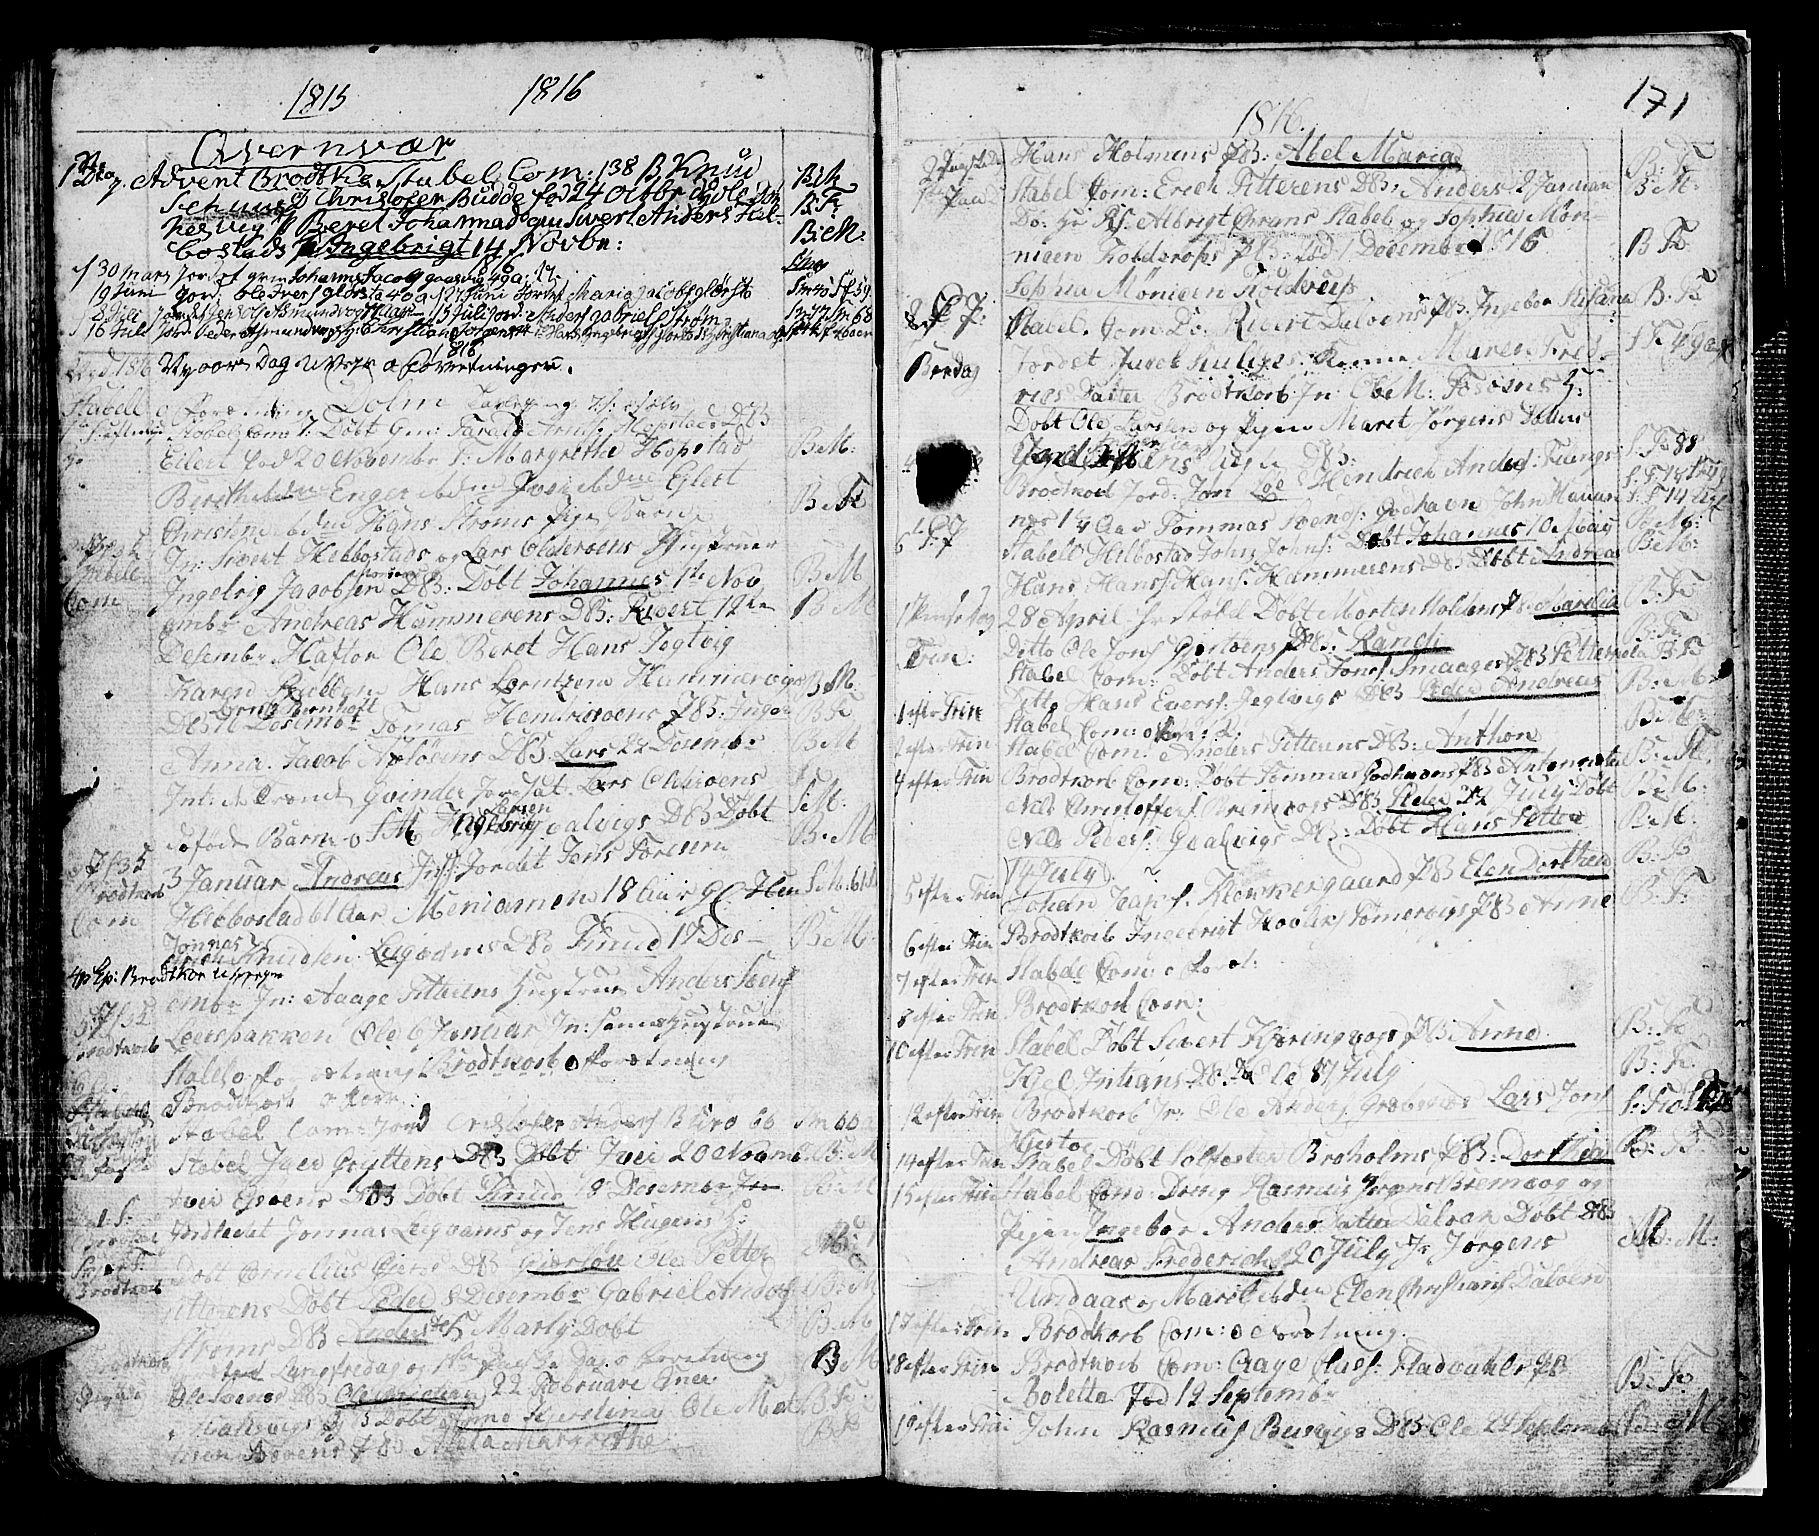 SAT, Ministerialprotokoller, klokkerbøker og fødselsregistre - Sør-Trøndelag, 634/L0526: Ministerialbok nr. 634A02, 1775-1818, s. 171